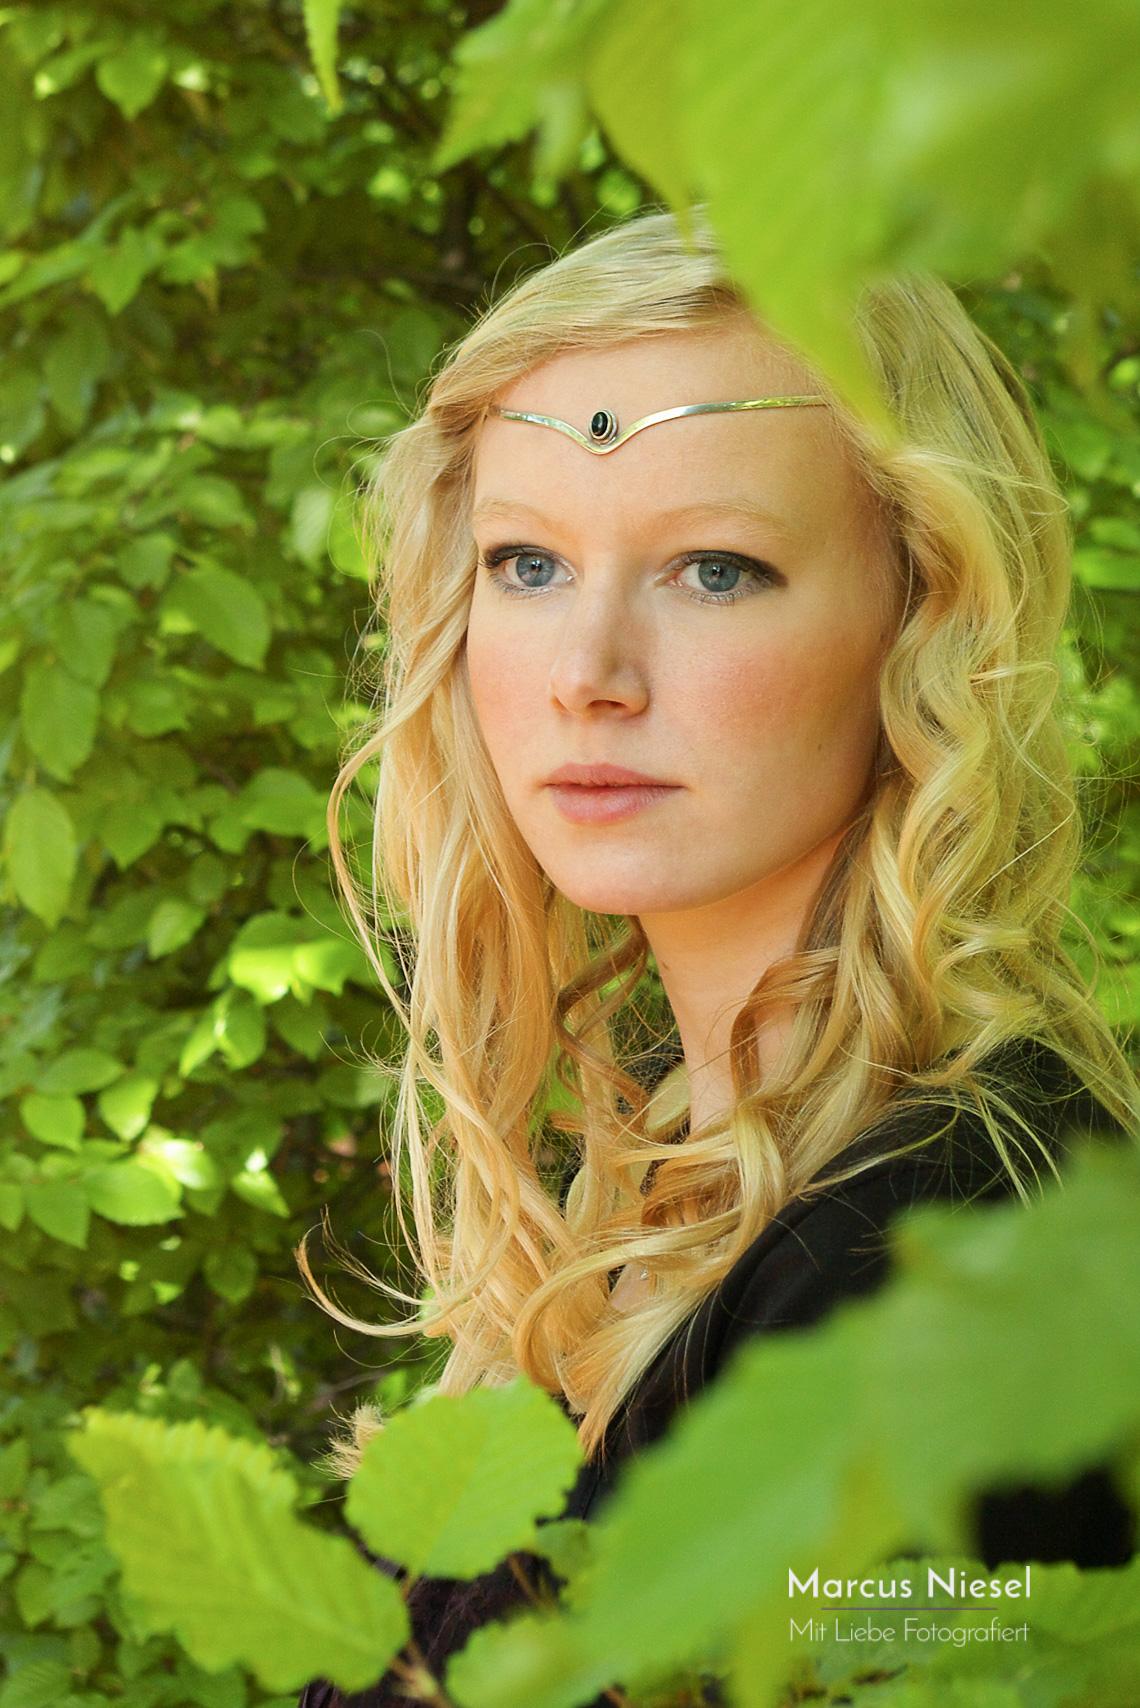 Eine junge Frau tritt zwischen grünen Hecken hervor und schaut in die Ferne. Sie trägt ein Diadem und hat blondes Haar.